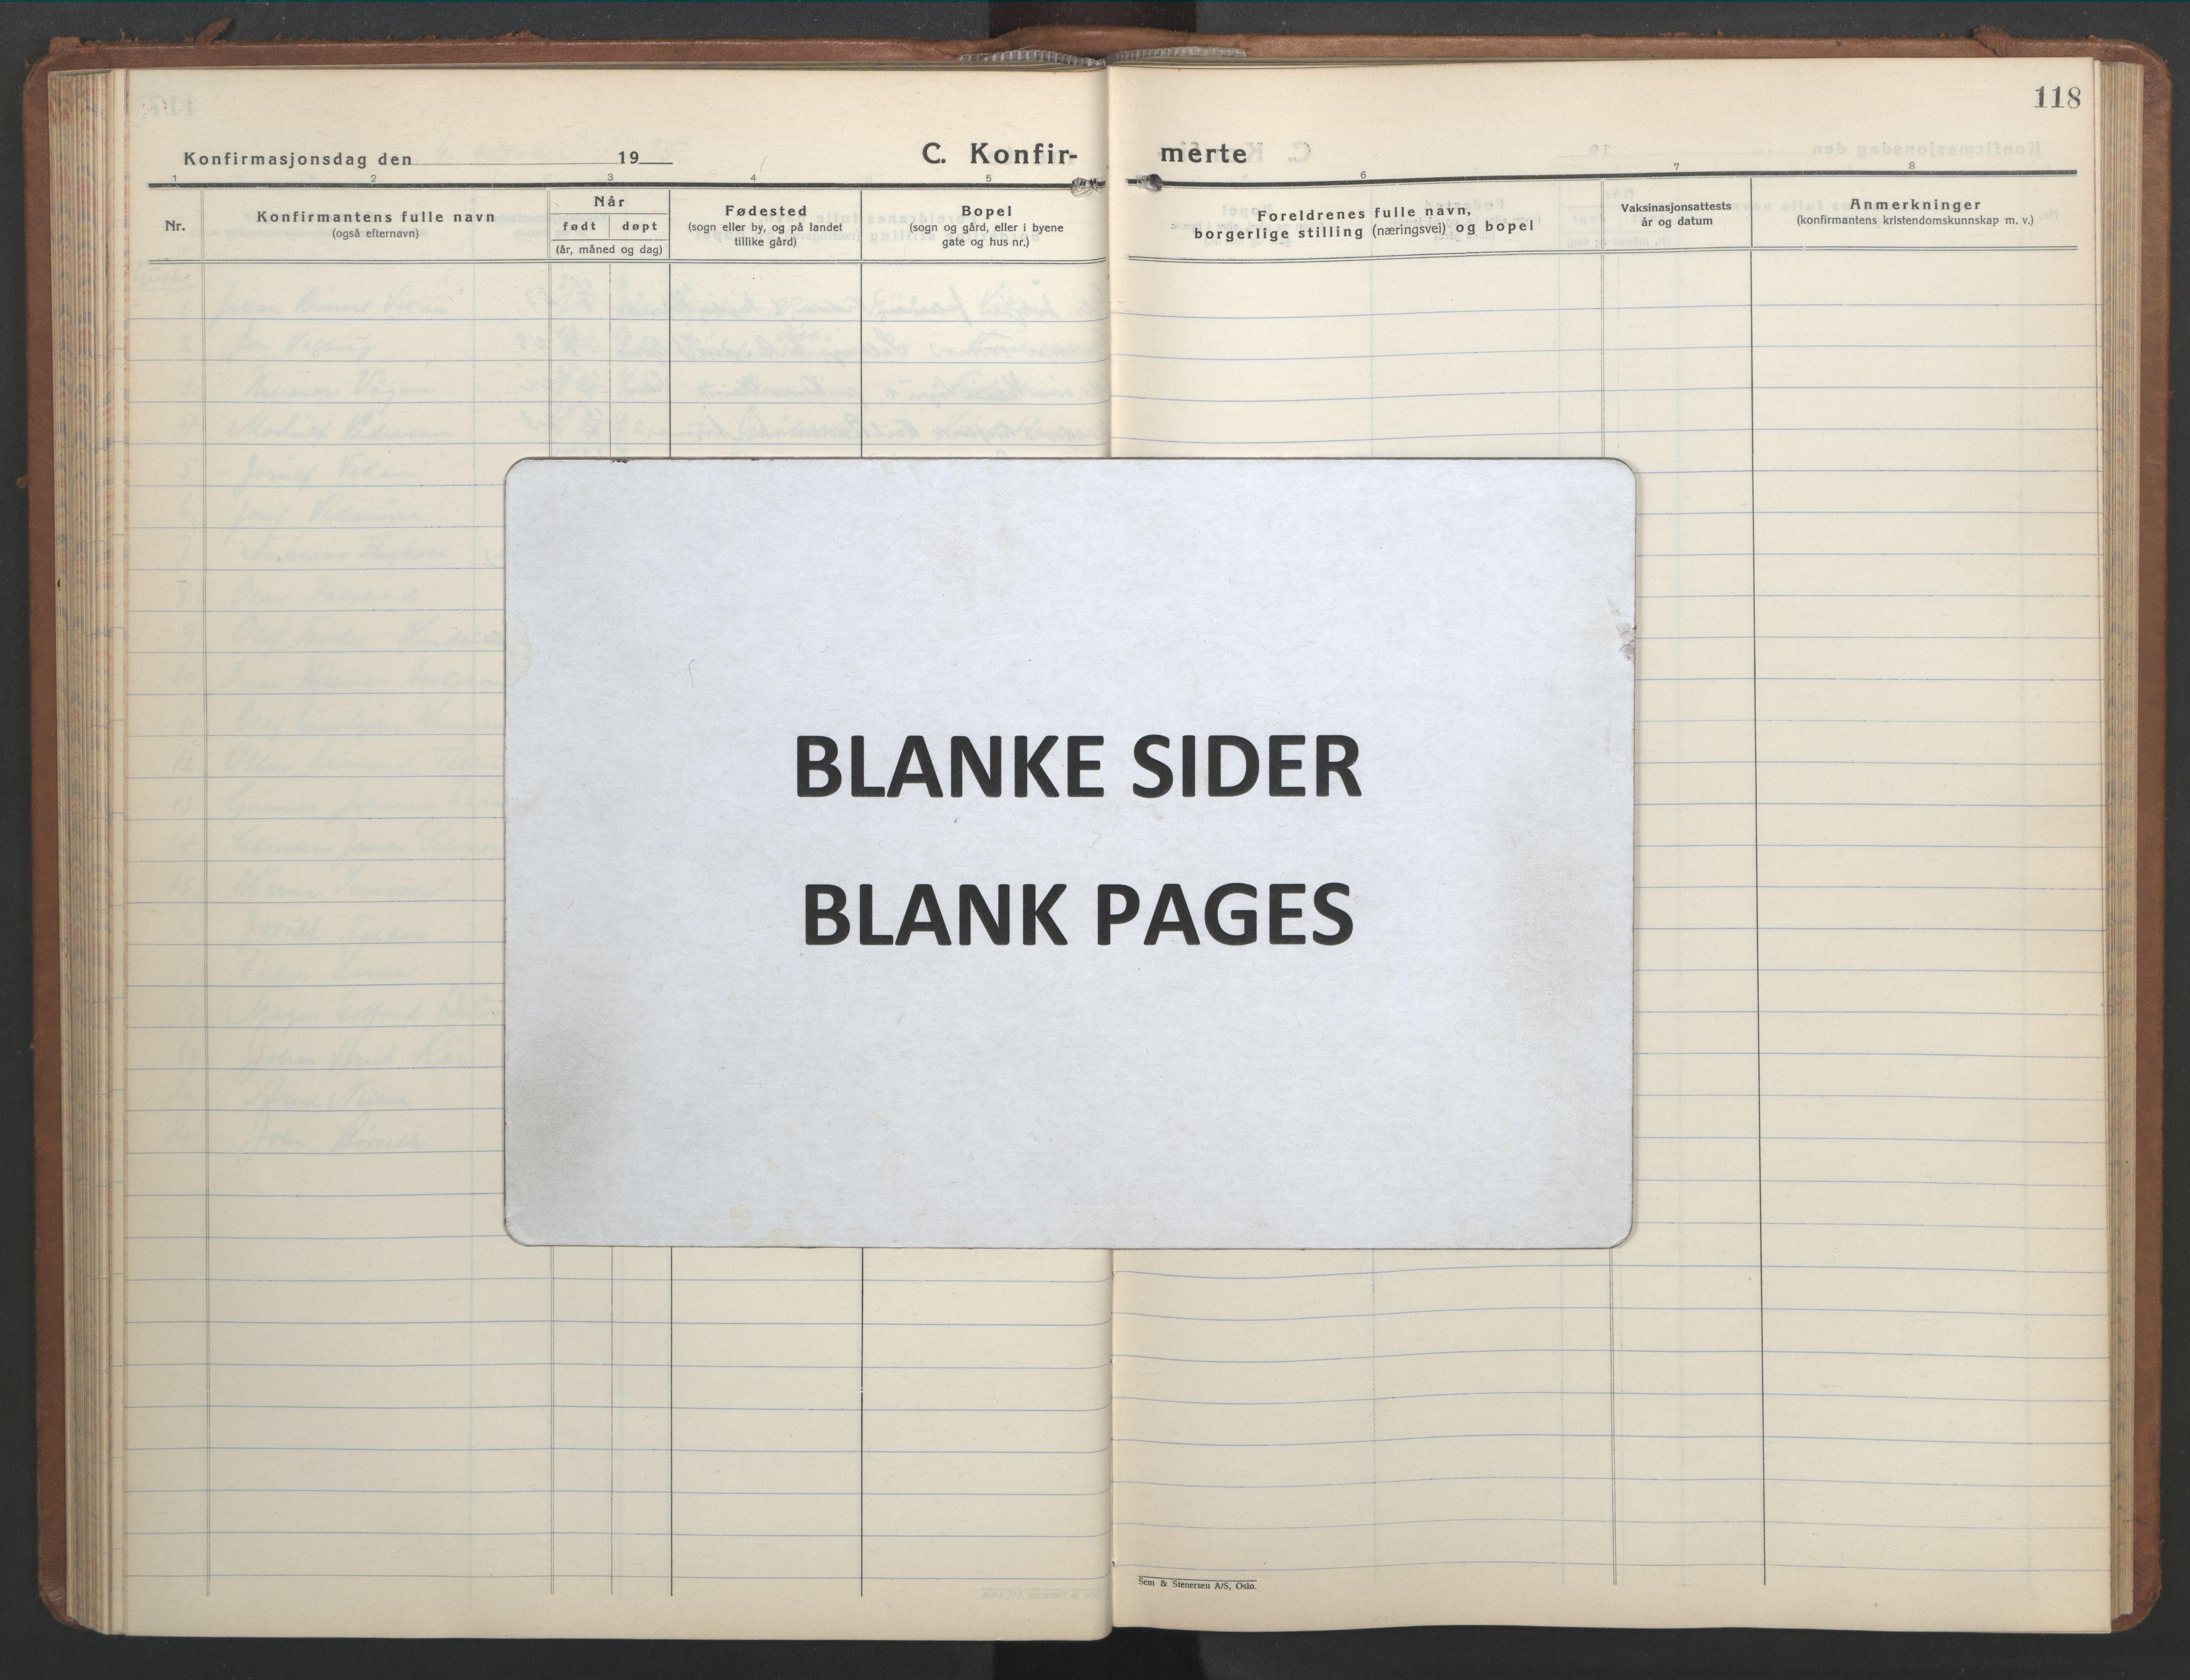 SAT, Ministerialprotokoller, klokkerbøker og fødselsregistre - Nord-Trøndelag, 709/L0089: Klokkerbok nr. 709C03, 1935-1948, s. 118